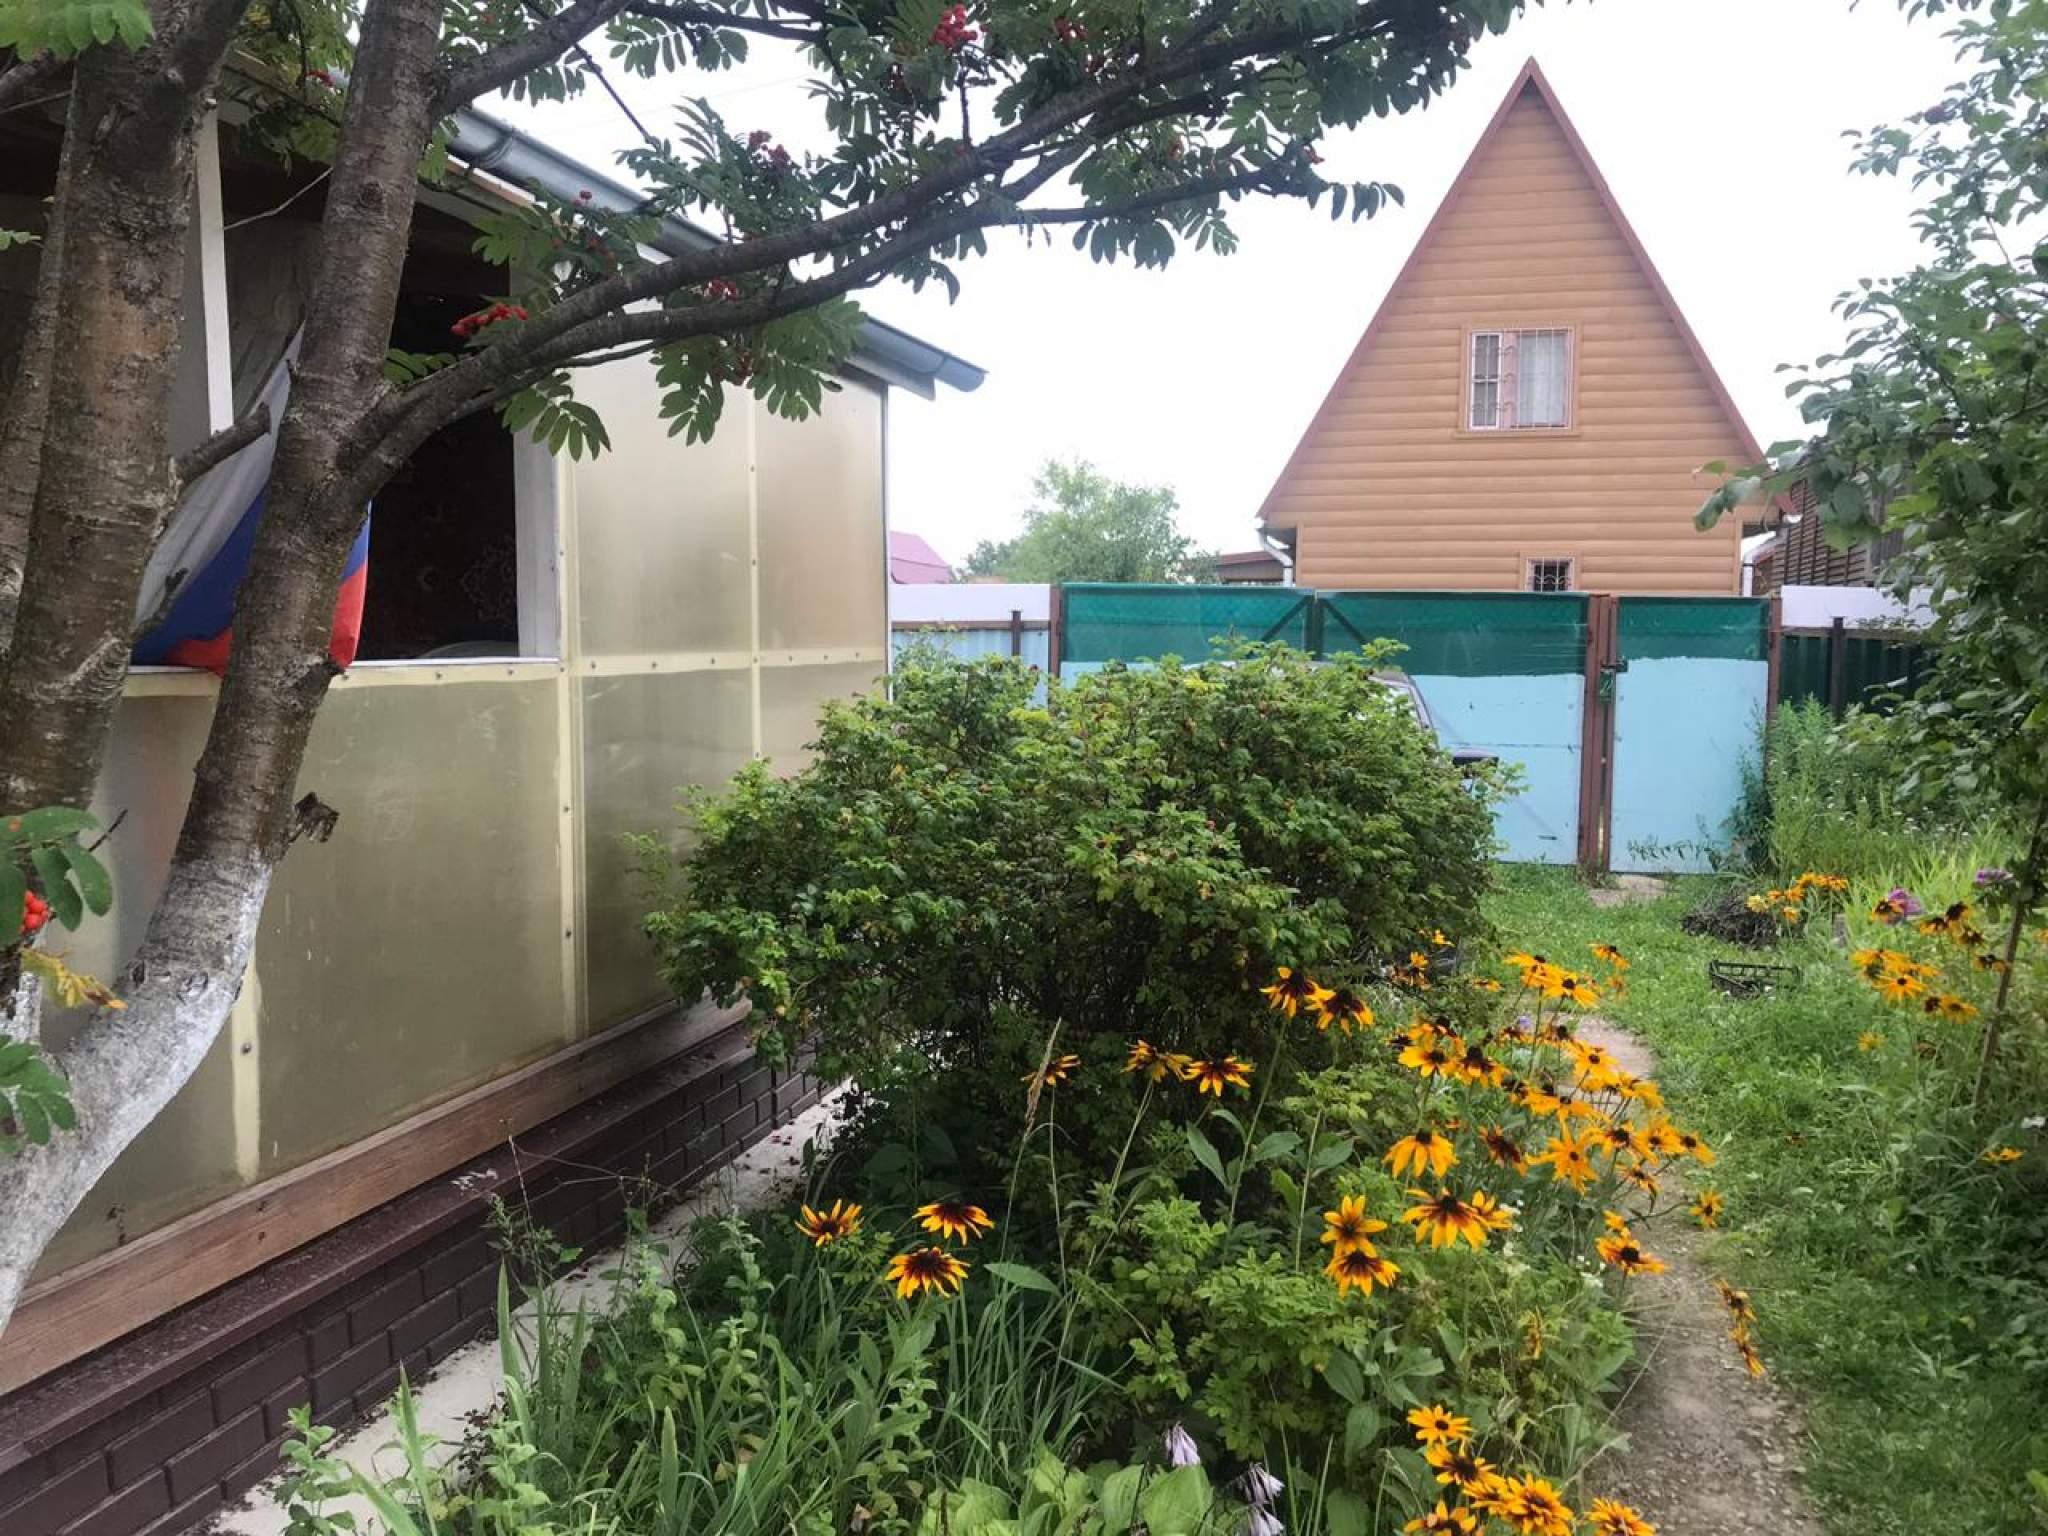 Дом на продажу по адресу Россия, Московская обл, Одинцовский р-н, деревня Капань, 90